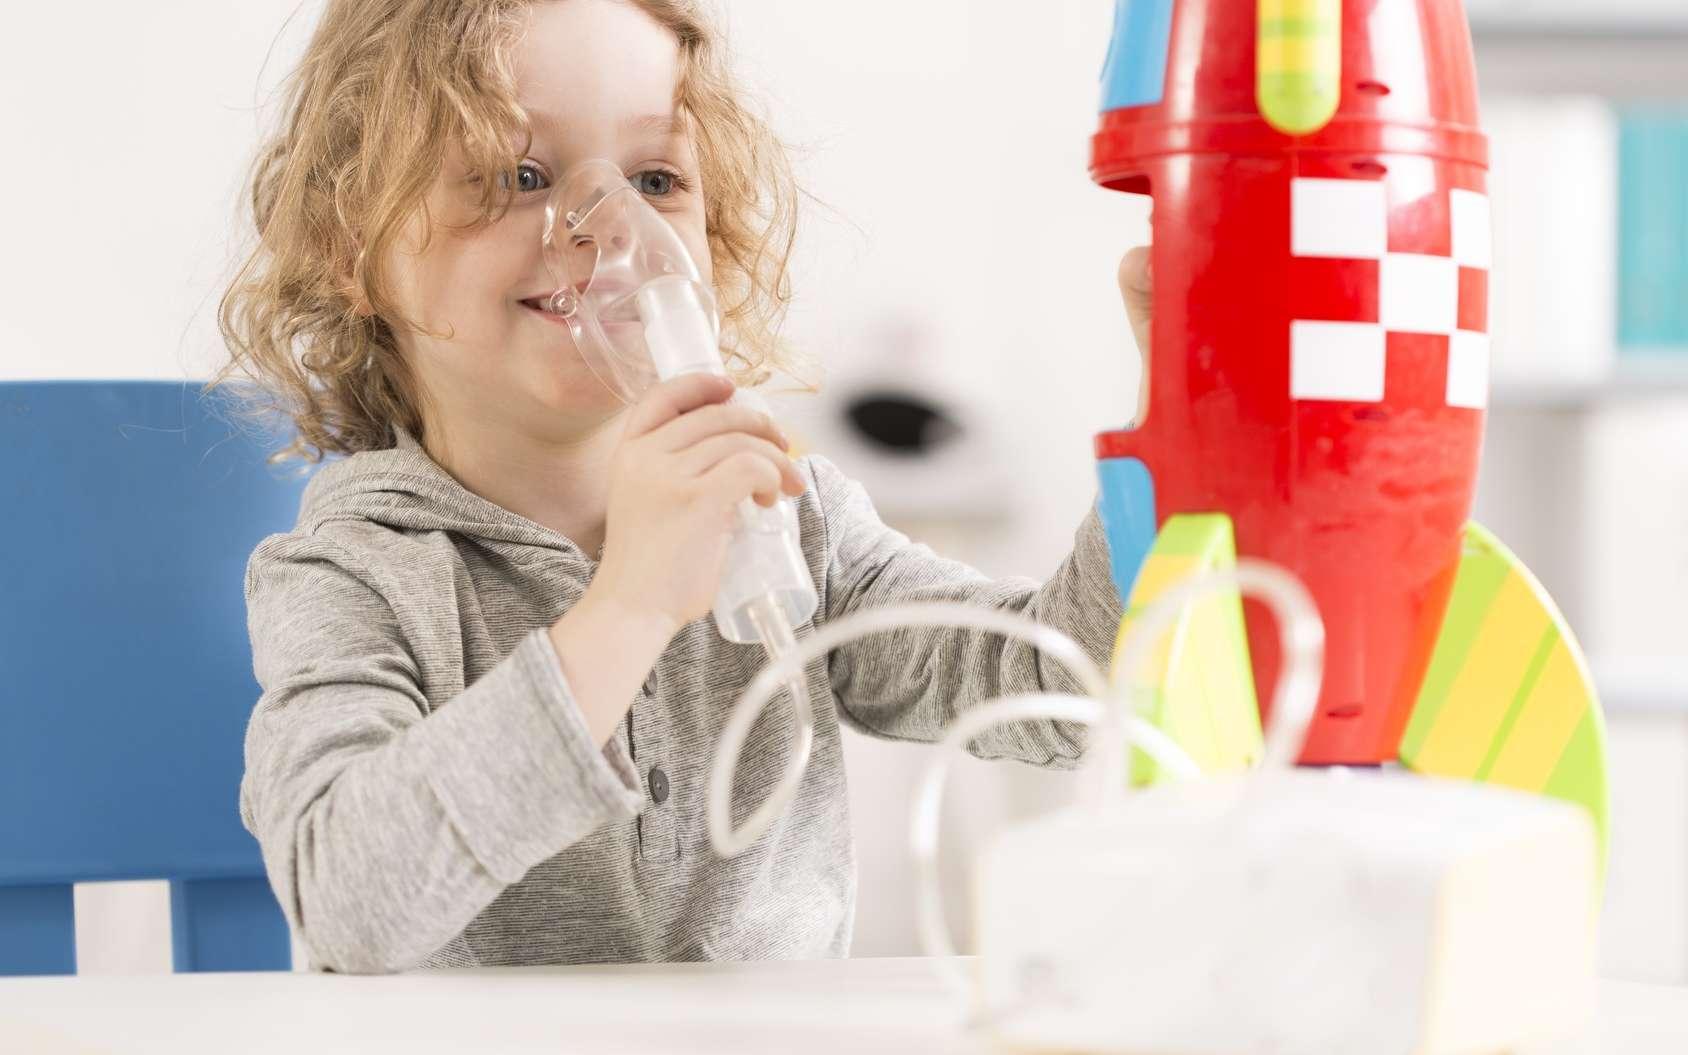 Les patients atteints de mucoviscidose souffrent de problèmes respiratoires. © Photographee.eu, Fotolia